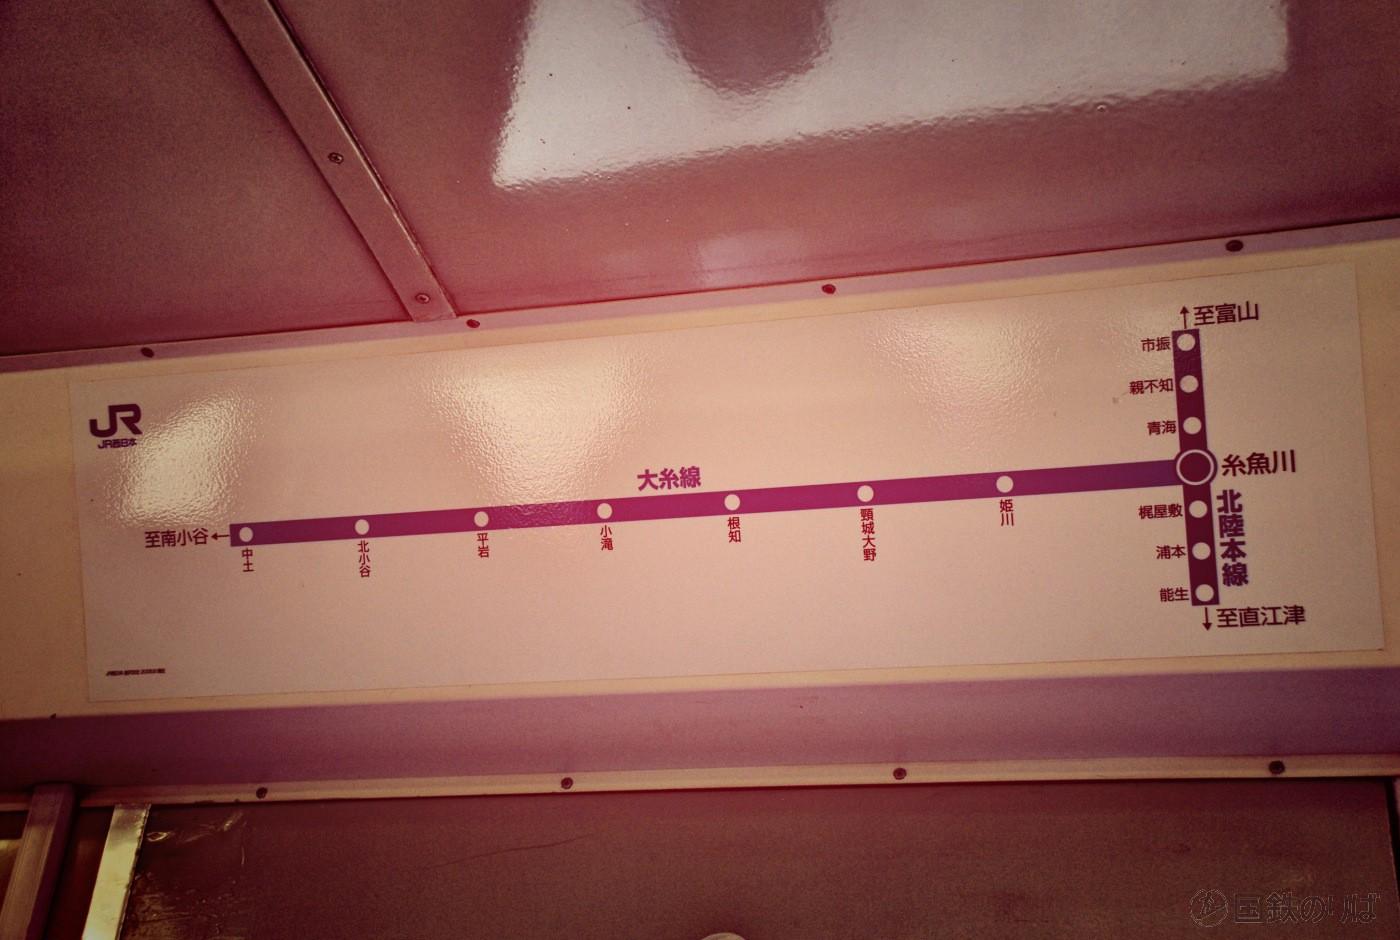 キハ52−125の車内には大糸線の停車駅案内が。